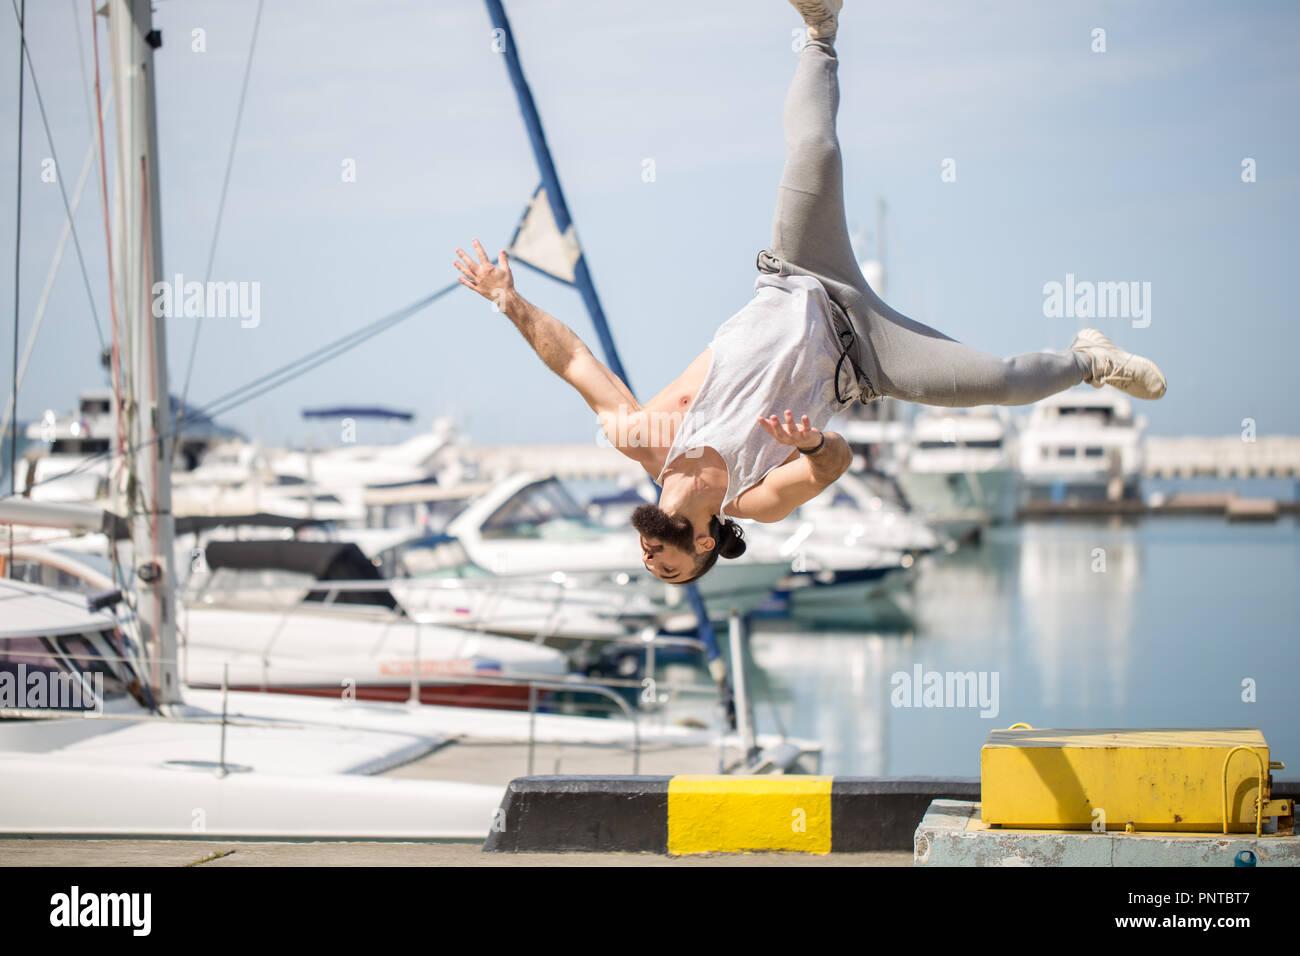 Squat Jump Stock Photos & Squat Jump Stock Images - Alamy